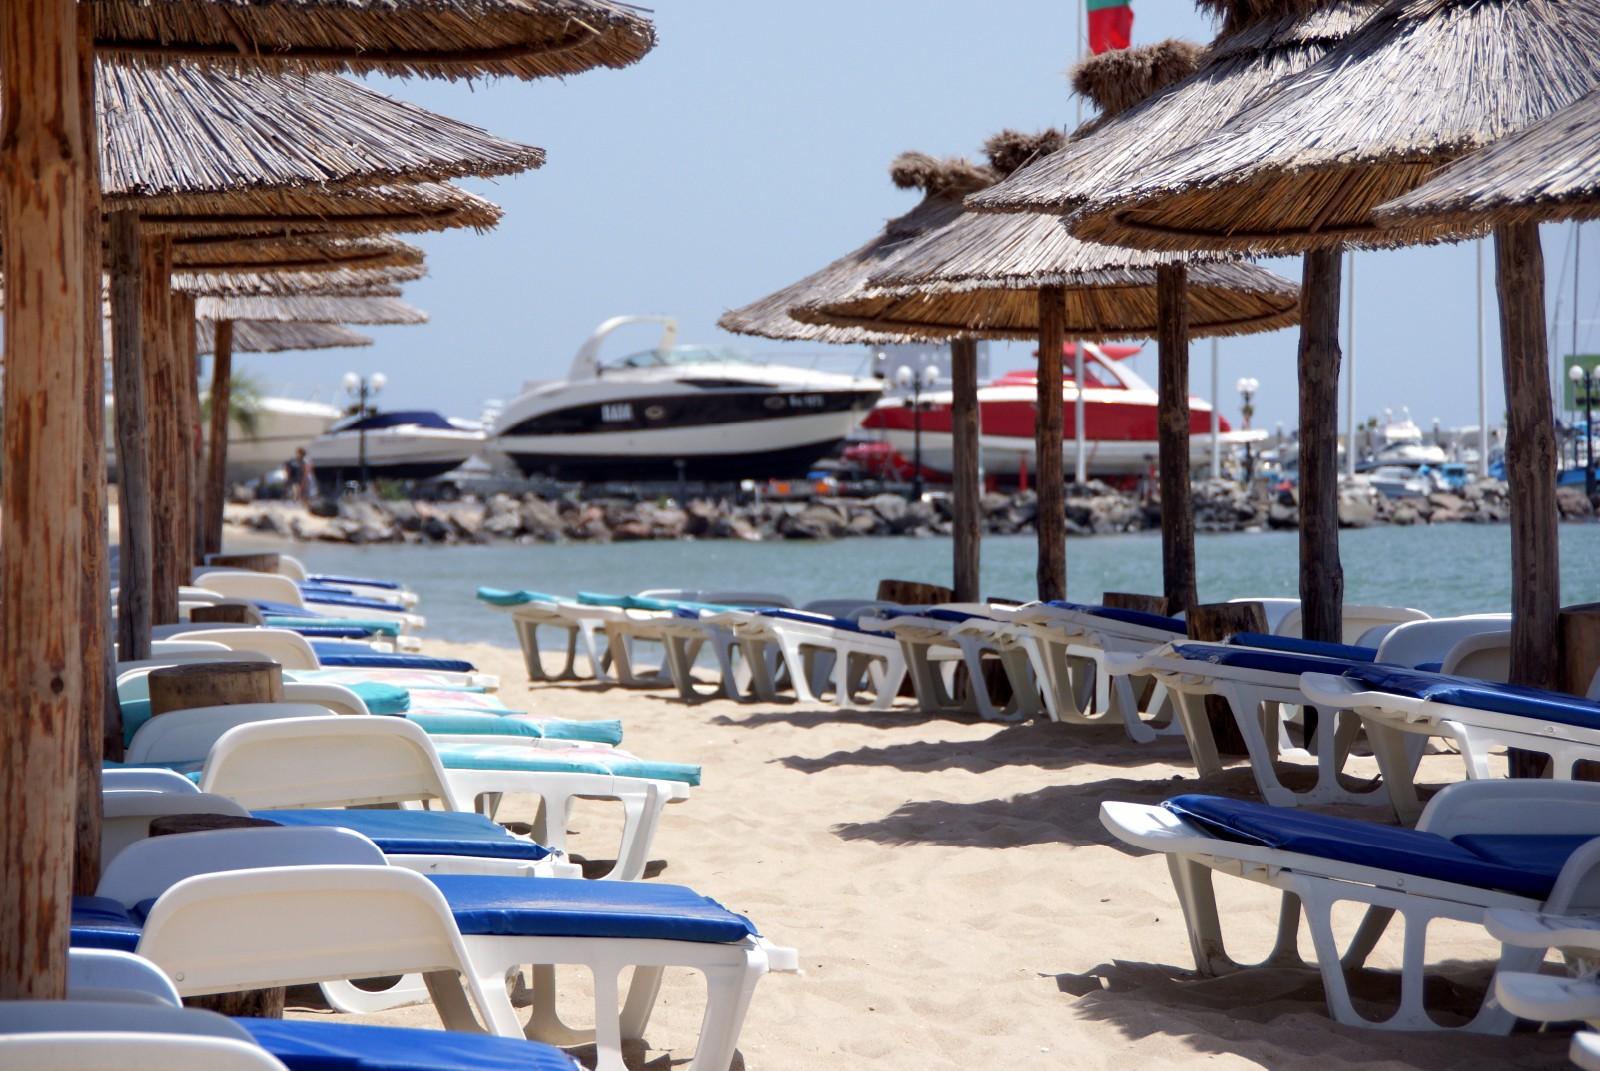 Пляжи в, болгарии : фото, особенности, опасности, преимущества